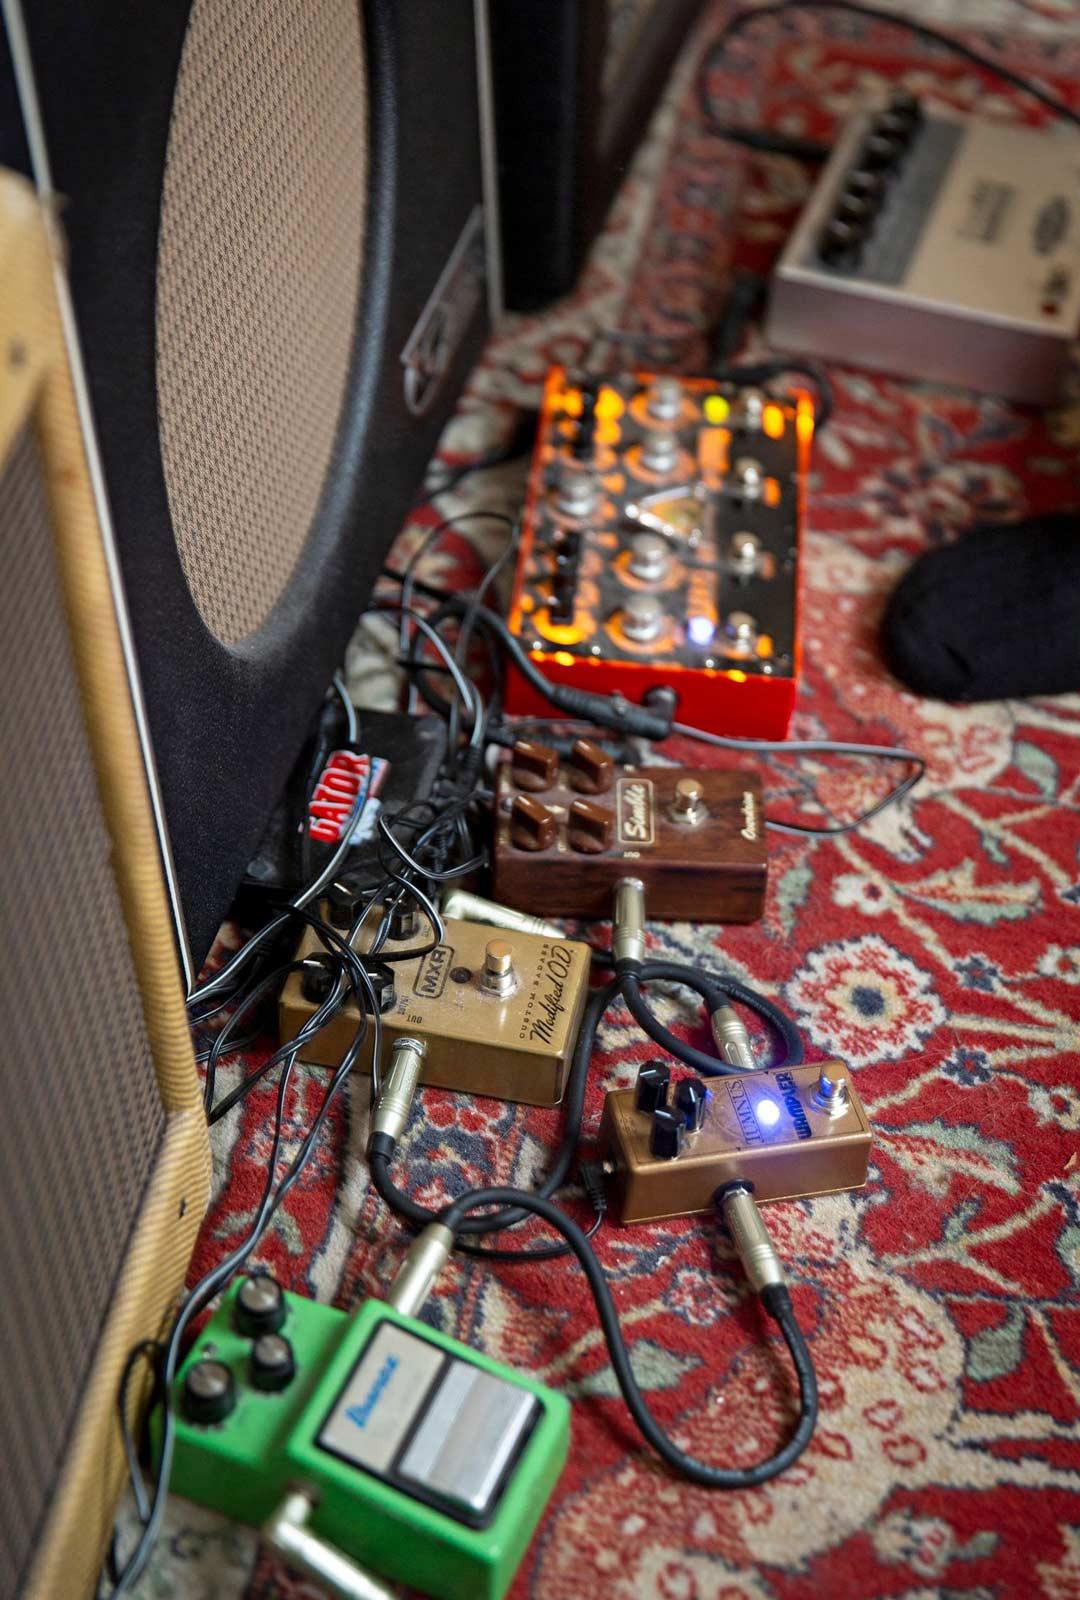 Efektilaitteilla voi laajentaa kitaran saundivalikoimaa.